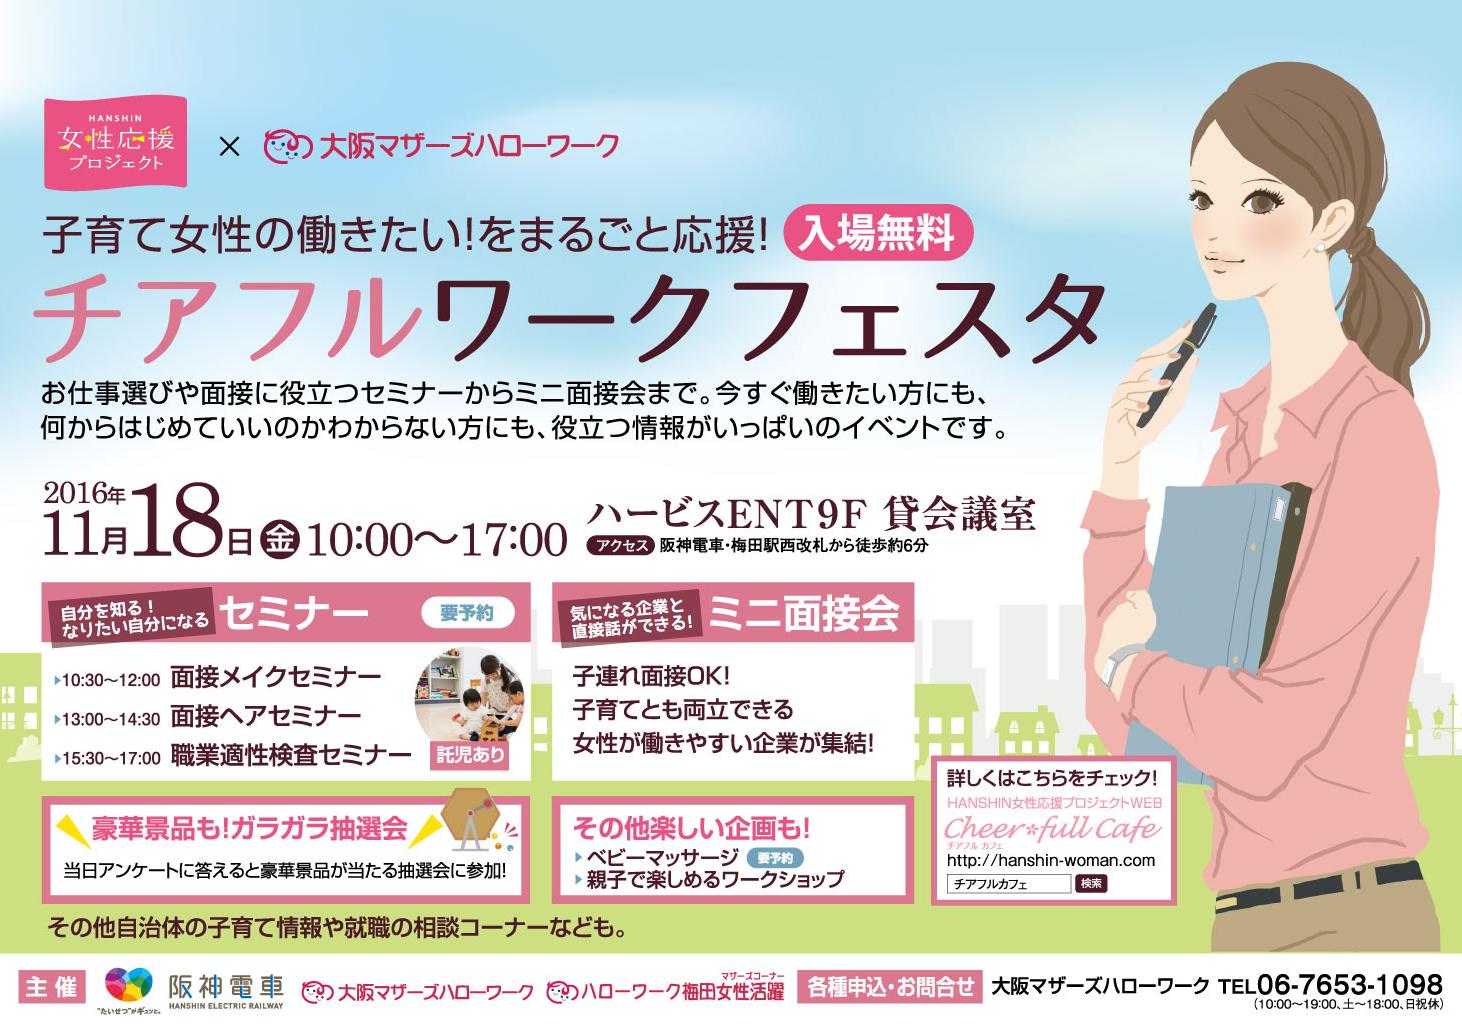 阪神電鉄主催・チアフルワークフェスタに出展します!